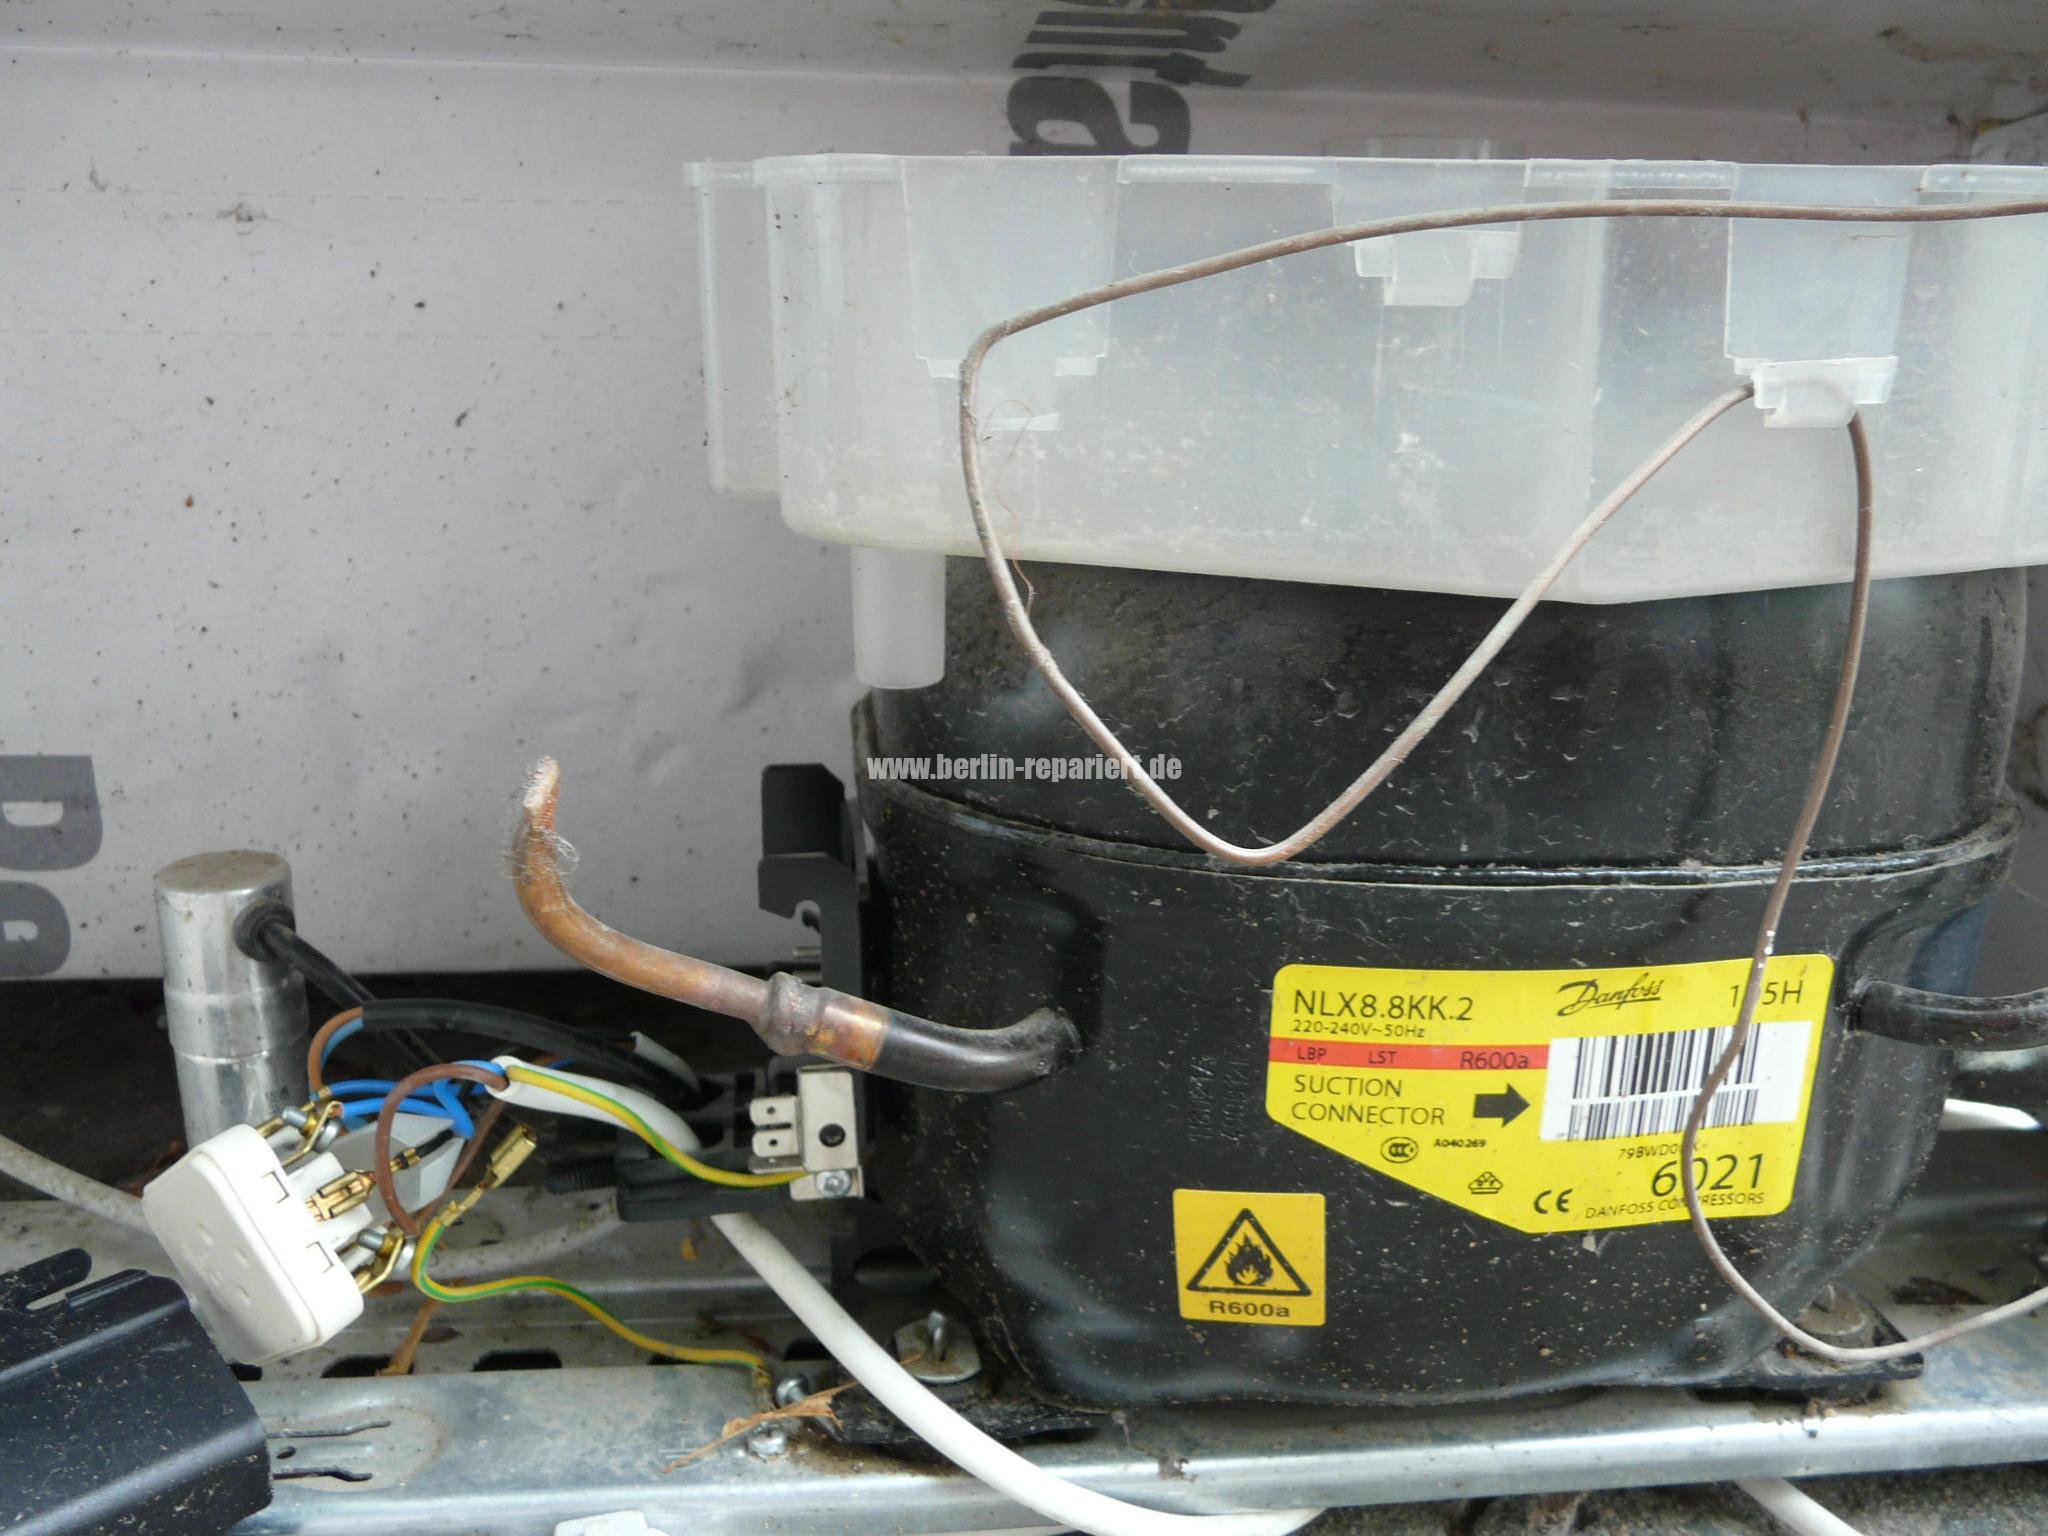 Amerikanischer Kühlschrank Kühlt Nicht Mehr : Lg side by side kühlschrank kühlt nicht mehr lg electronics